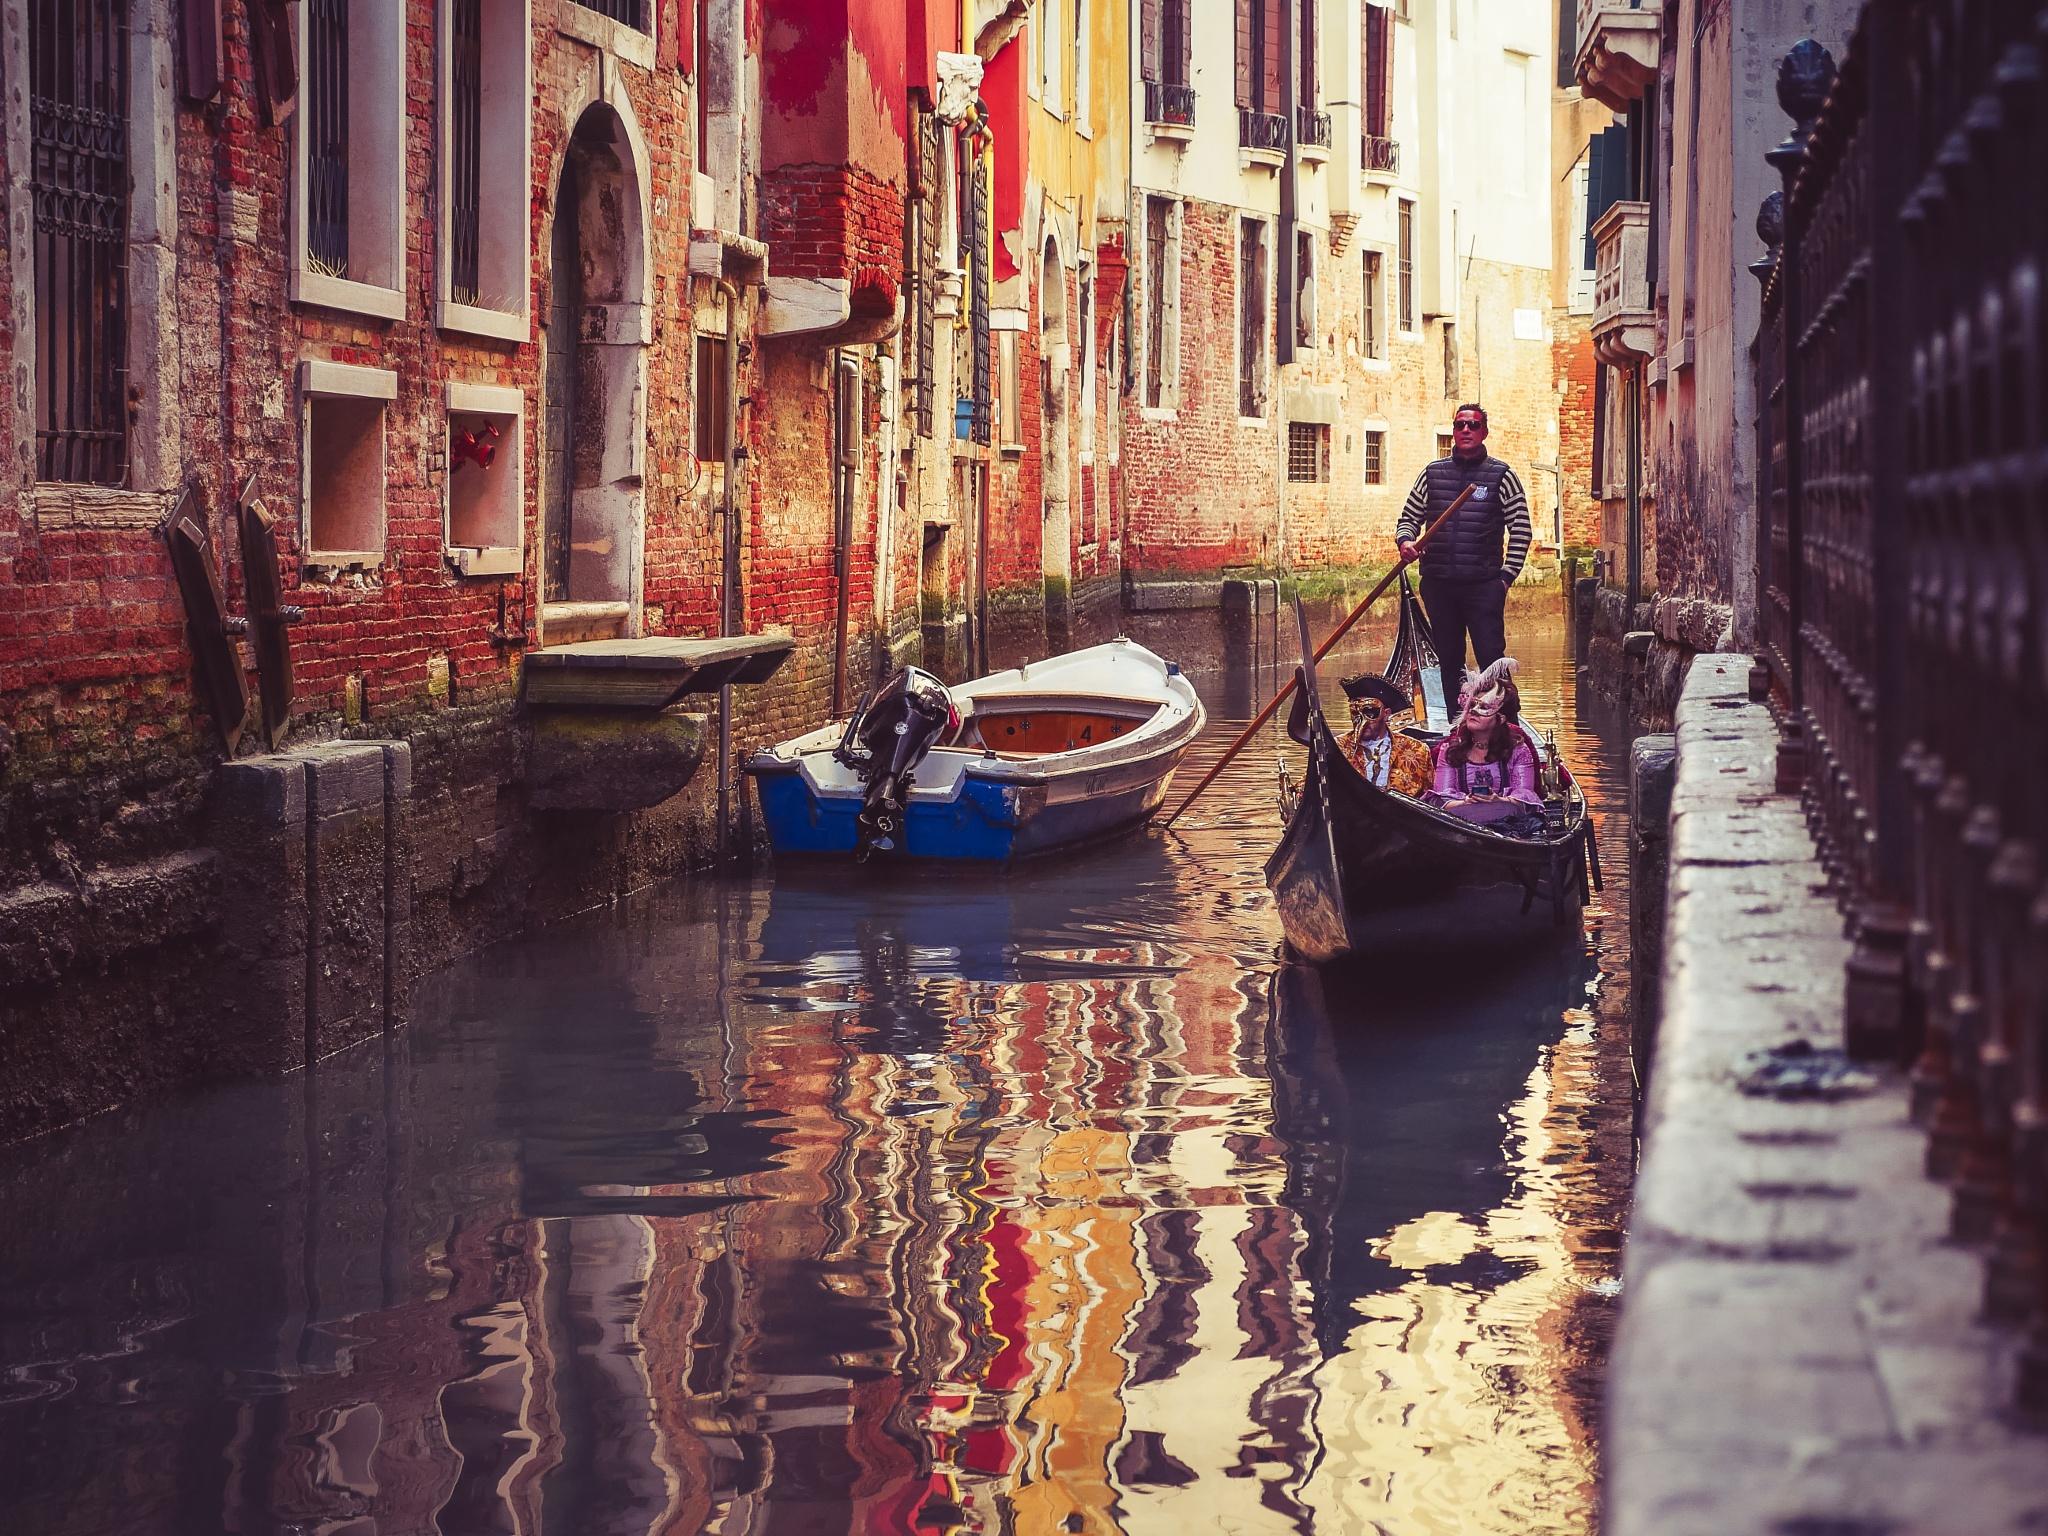 Venice carnival by Komisantto